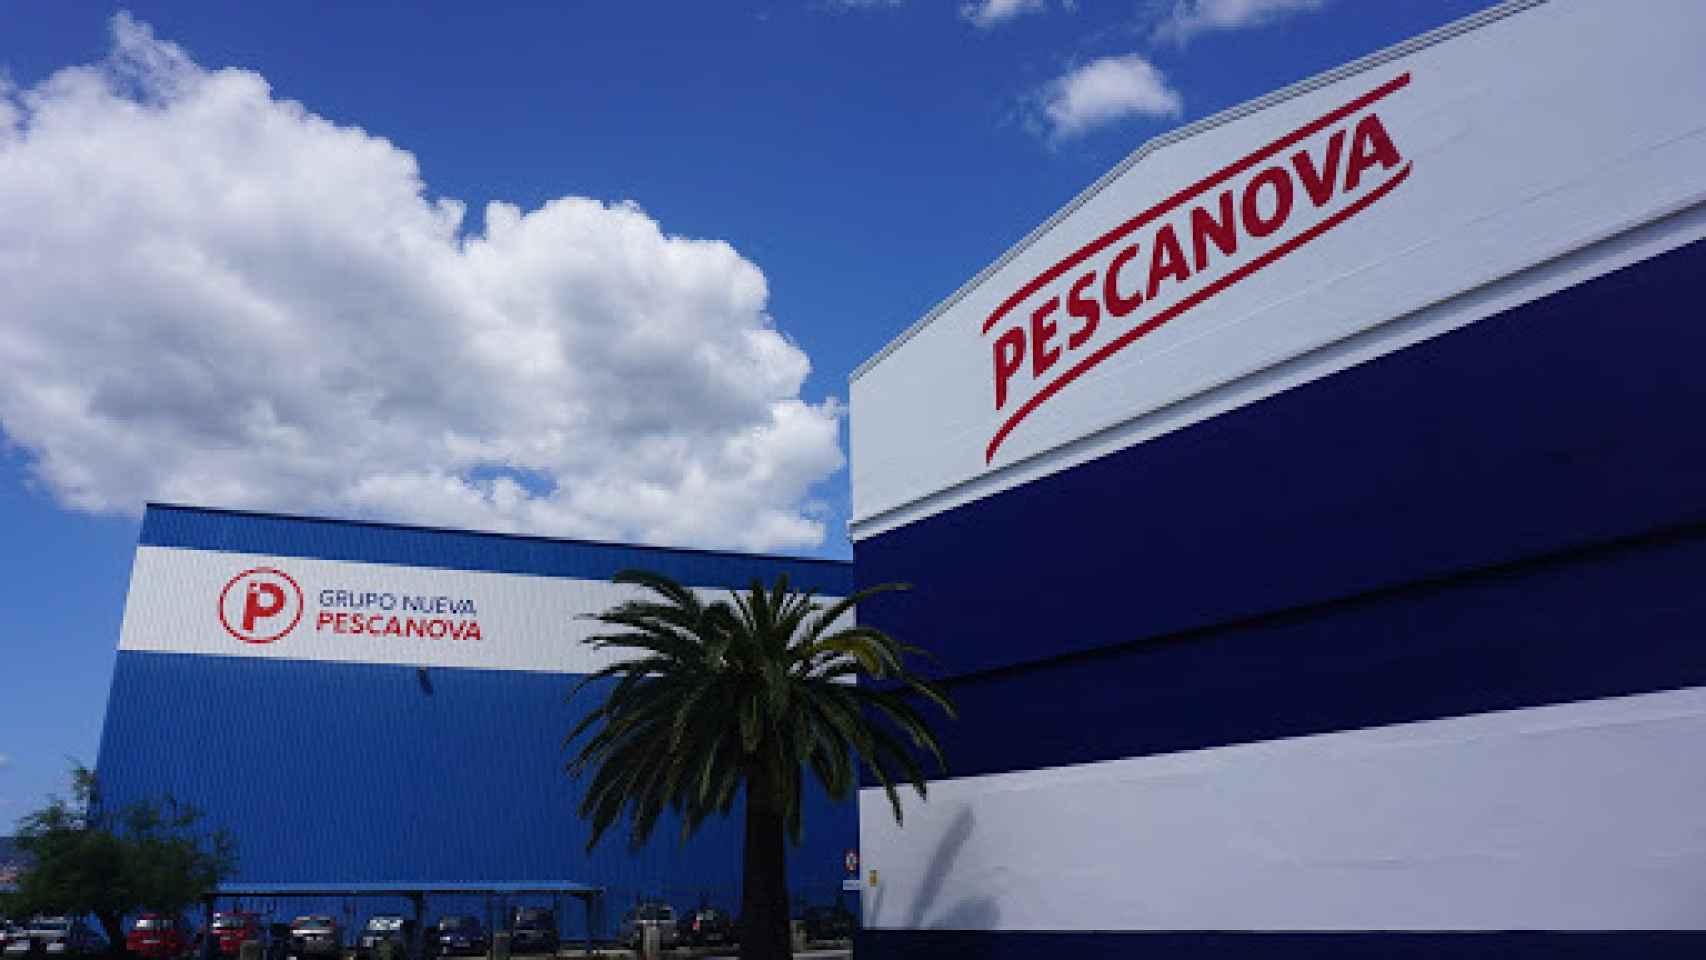 Una de las factorías de Pescanova.